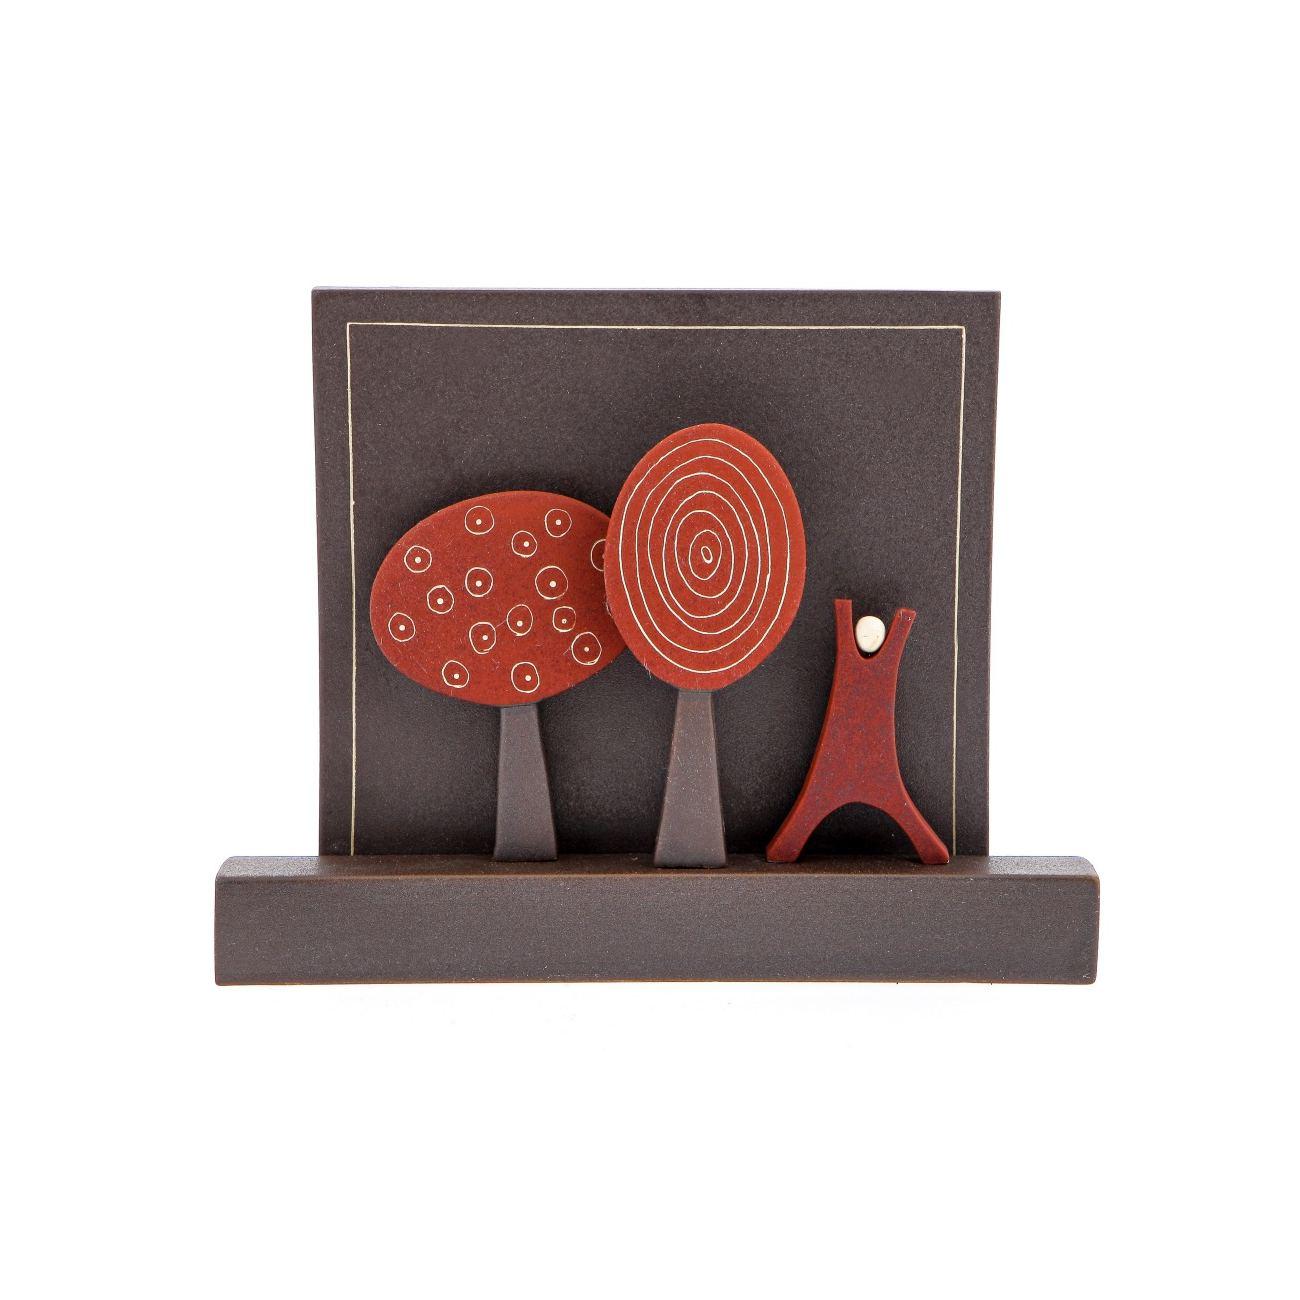 Modern Ceramic 3d Tile Wall Art Decor Sculpture Handmade Nature Red Small